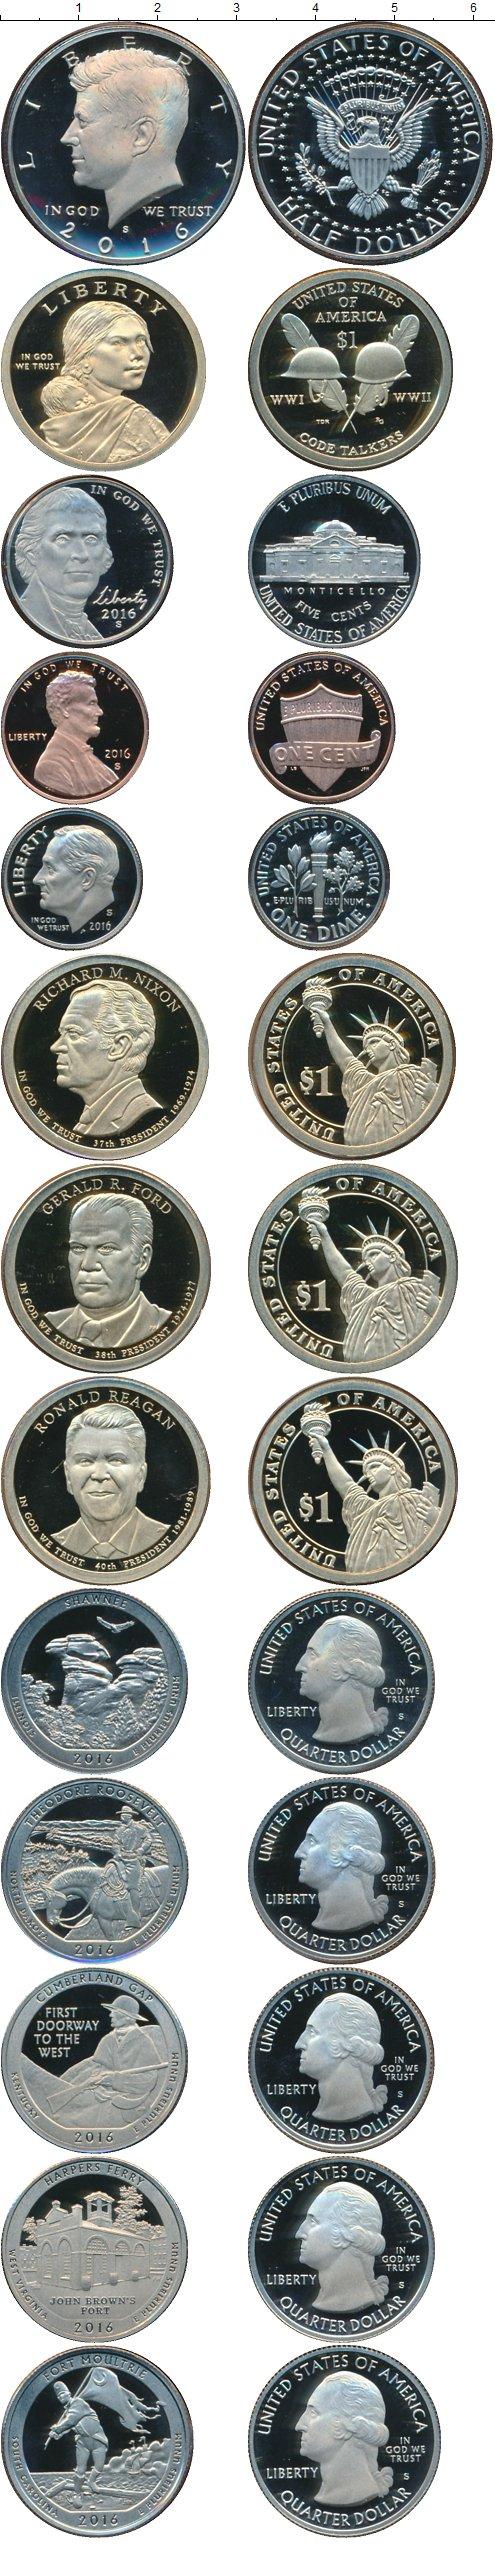 Картинка Подарочные монеты США Набор 2016 года  2016